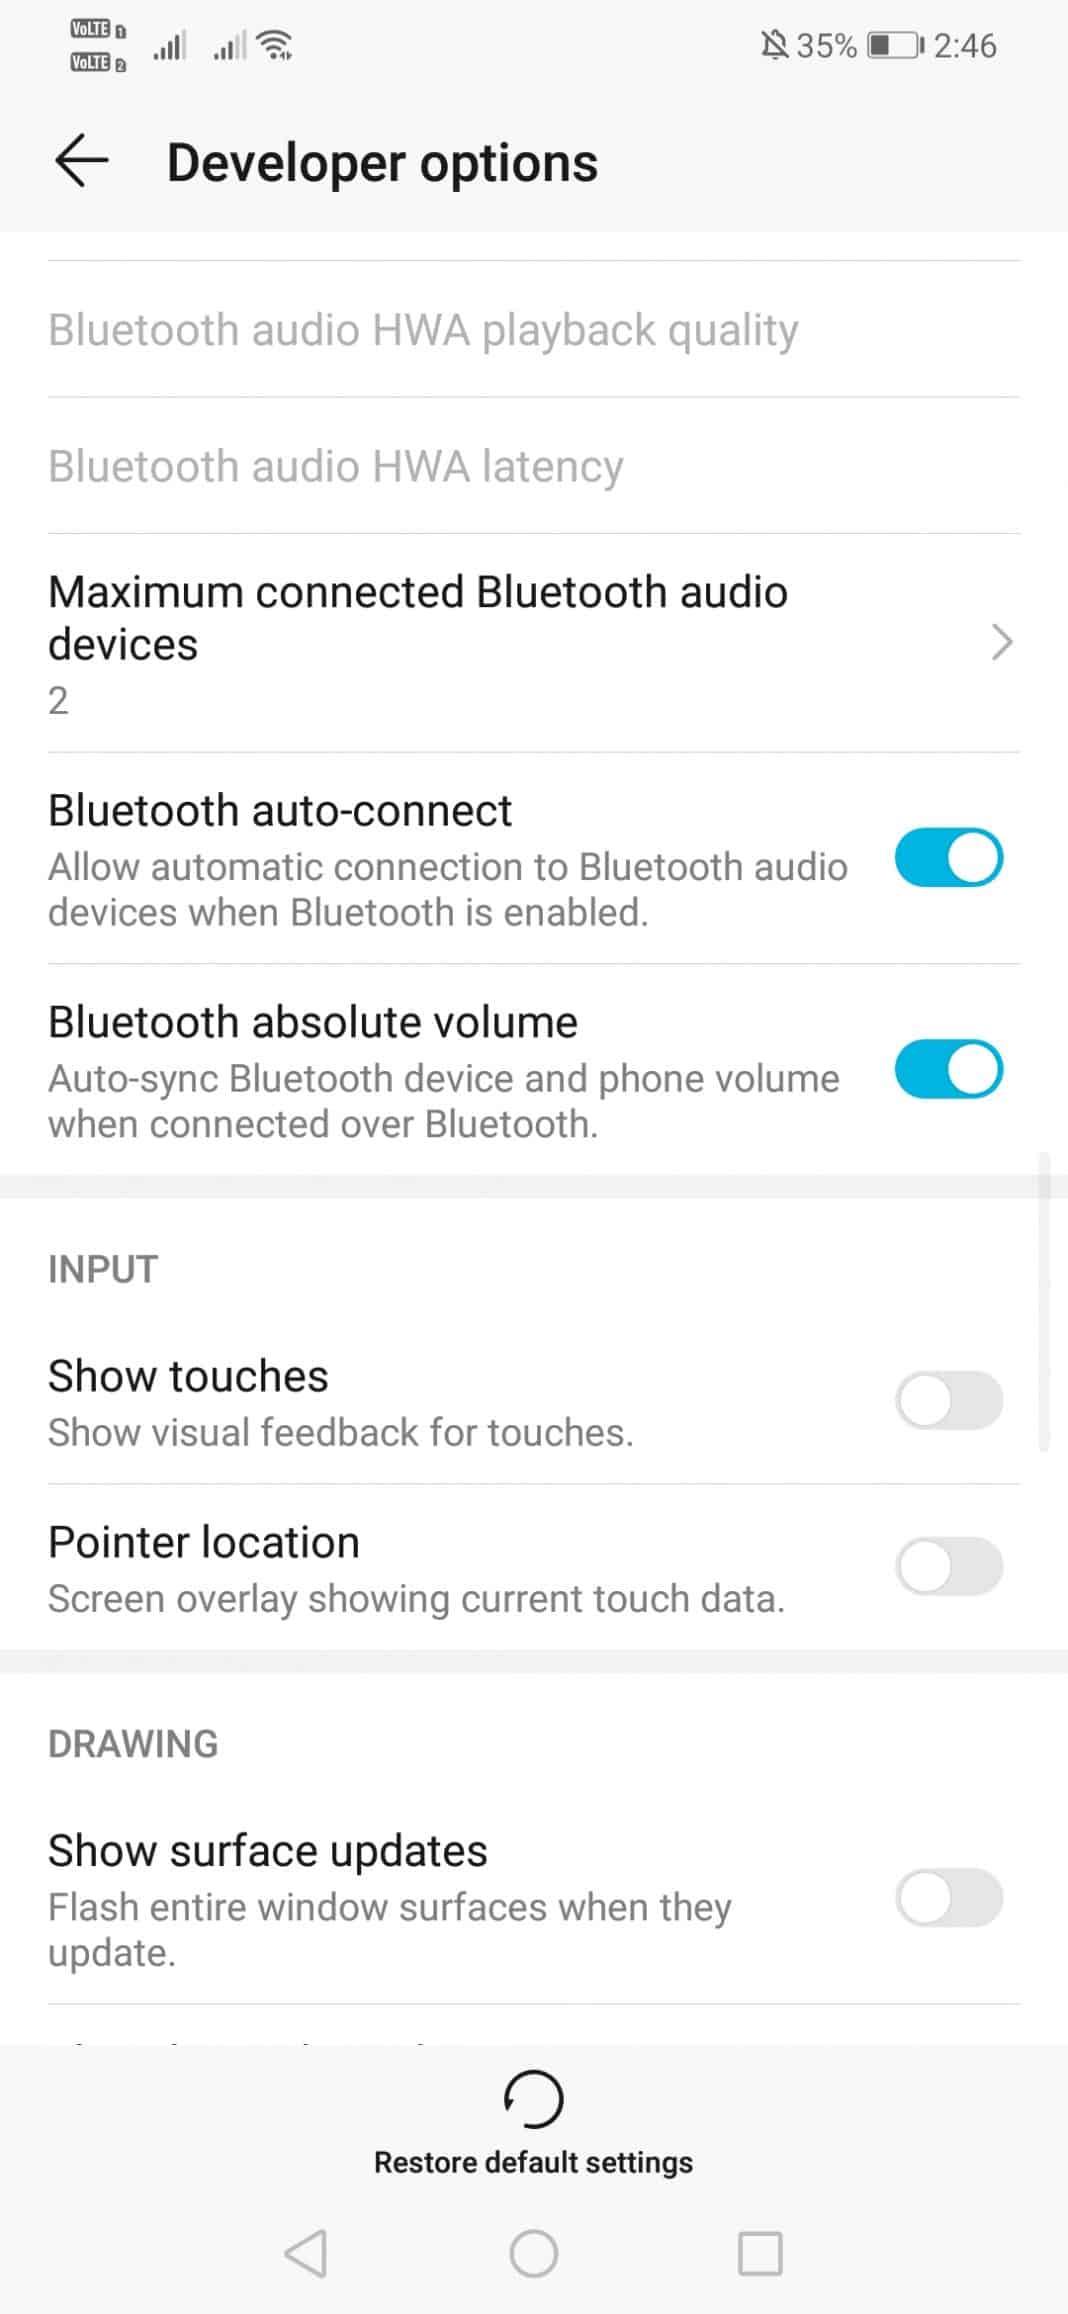 """زيادة مستوى صوت سماعات الرأس في Android """"width ="""" 277 """"height ="""" 600 """"srcset ="""" https://applexgen.com/ar/wp-content/uploads/2019/08/1567189275_151_كيفية-زيادة-حجم-سماعة-بلوتوث-في-أندرويد.jpg 1068w ، https: / /techviral.net/wp-content/uploads/2019/08/Bluetooth-headset-1-138x300.jpg 138w ، https://techviral.net/wp-content/uploads/2019/08/Bluetooth-headset-1- 768x1664.jpg 768w ، https://techviral.net/wp-content/uploads/2019/08/Bluetooth-headset-1-473x1024.jpg 473w ، https://techviral.net/wp-content/uploads/2019/ 08 / Bluetooth-headset-1-696x1508.jpg 696w ، https://techviral.net/wp-content/uploads/2019/08/Bluetooth-headset-1-194x420.jpg 194w """"data-lazy-sizes ="""" ( أقصى عرض: 277px) 100vw ، 277px"""